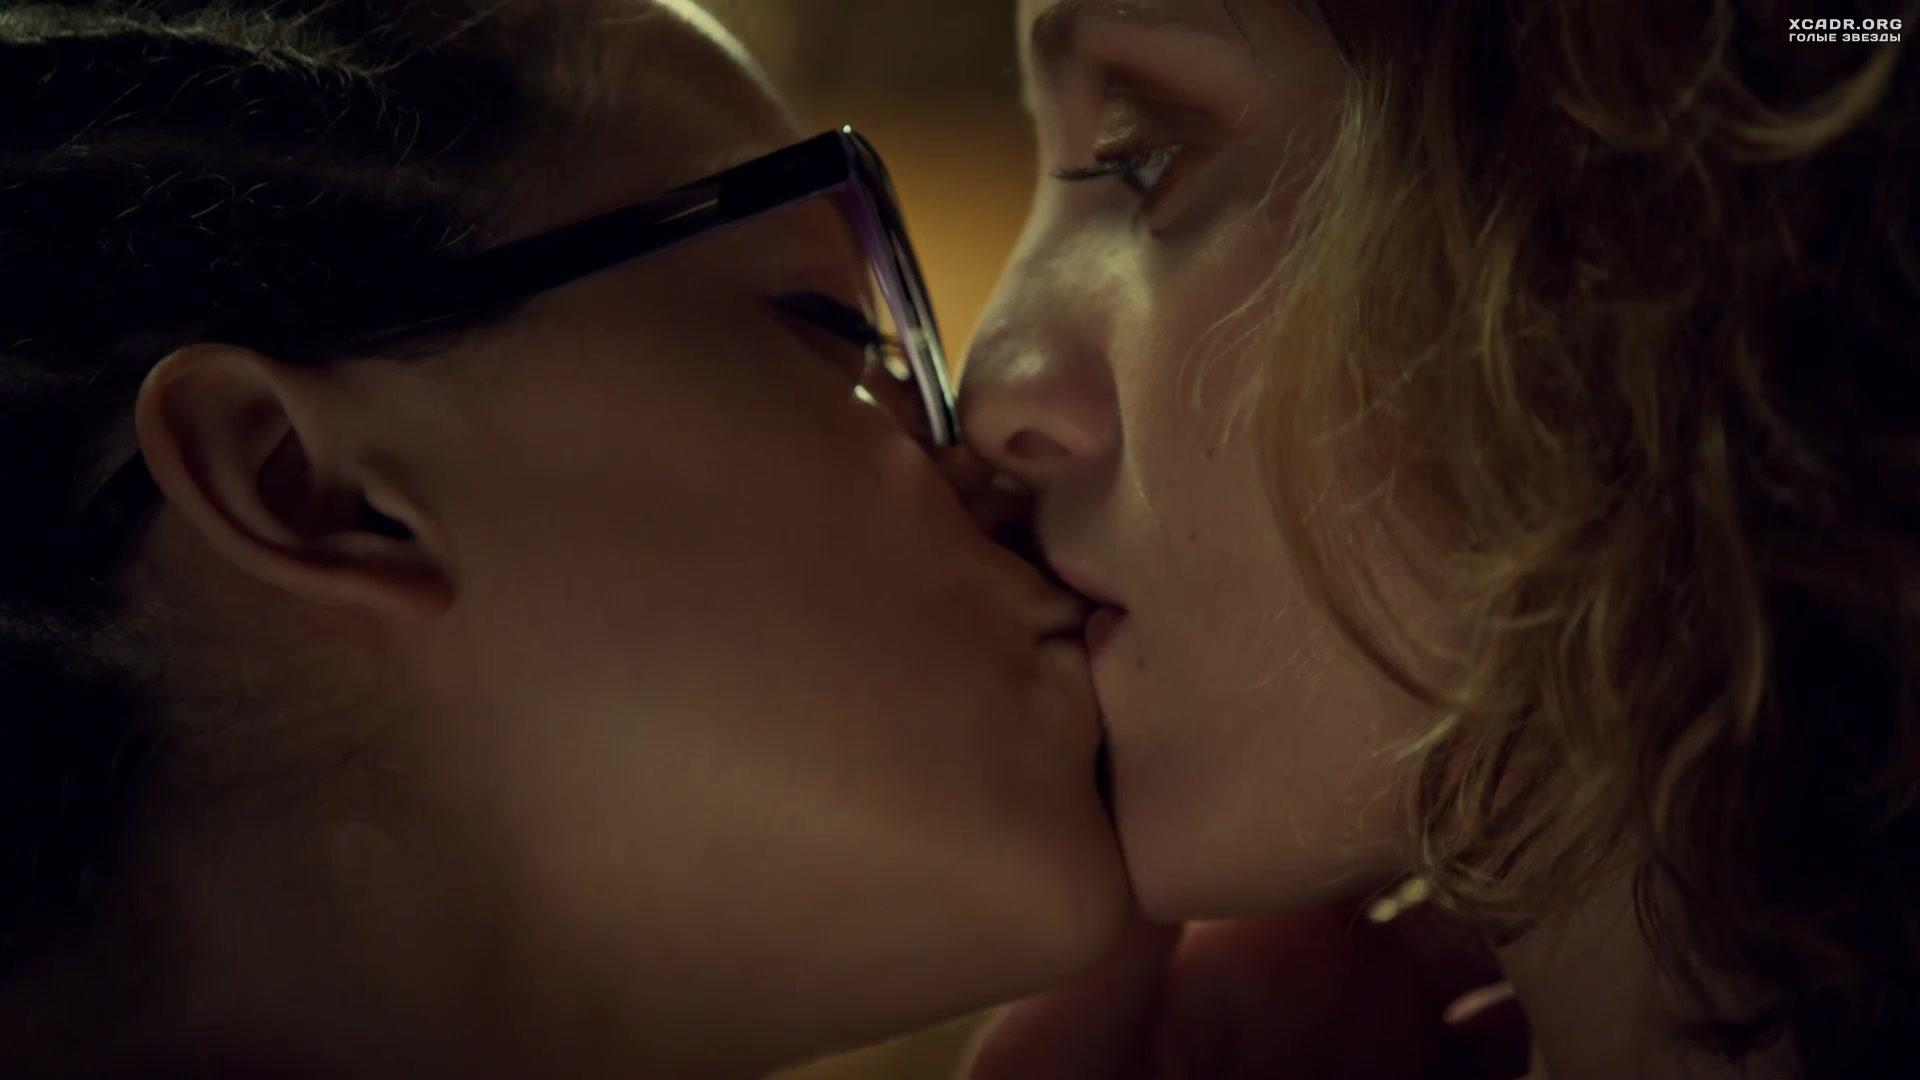 Смотреть картинки лесбиянок, Порно фото лесбиянок, Фотографии с лесбиянками 8 фотография